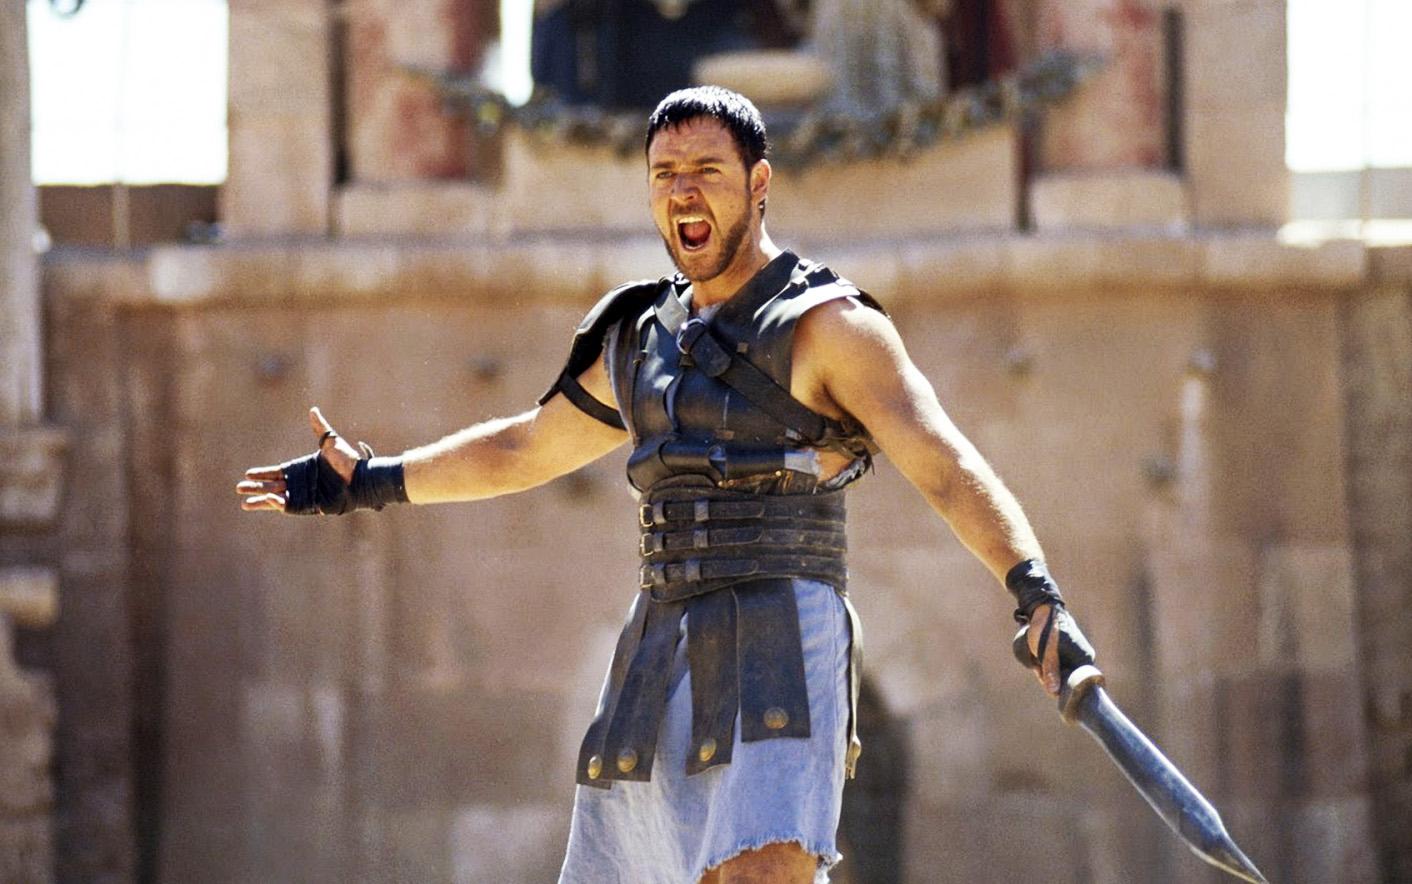 ۱۵ حقیقت جالب در مورد فیلم Gladiator